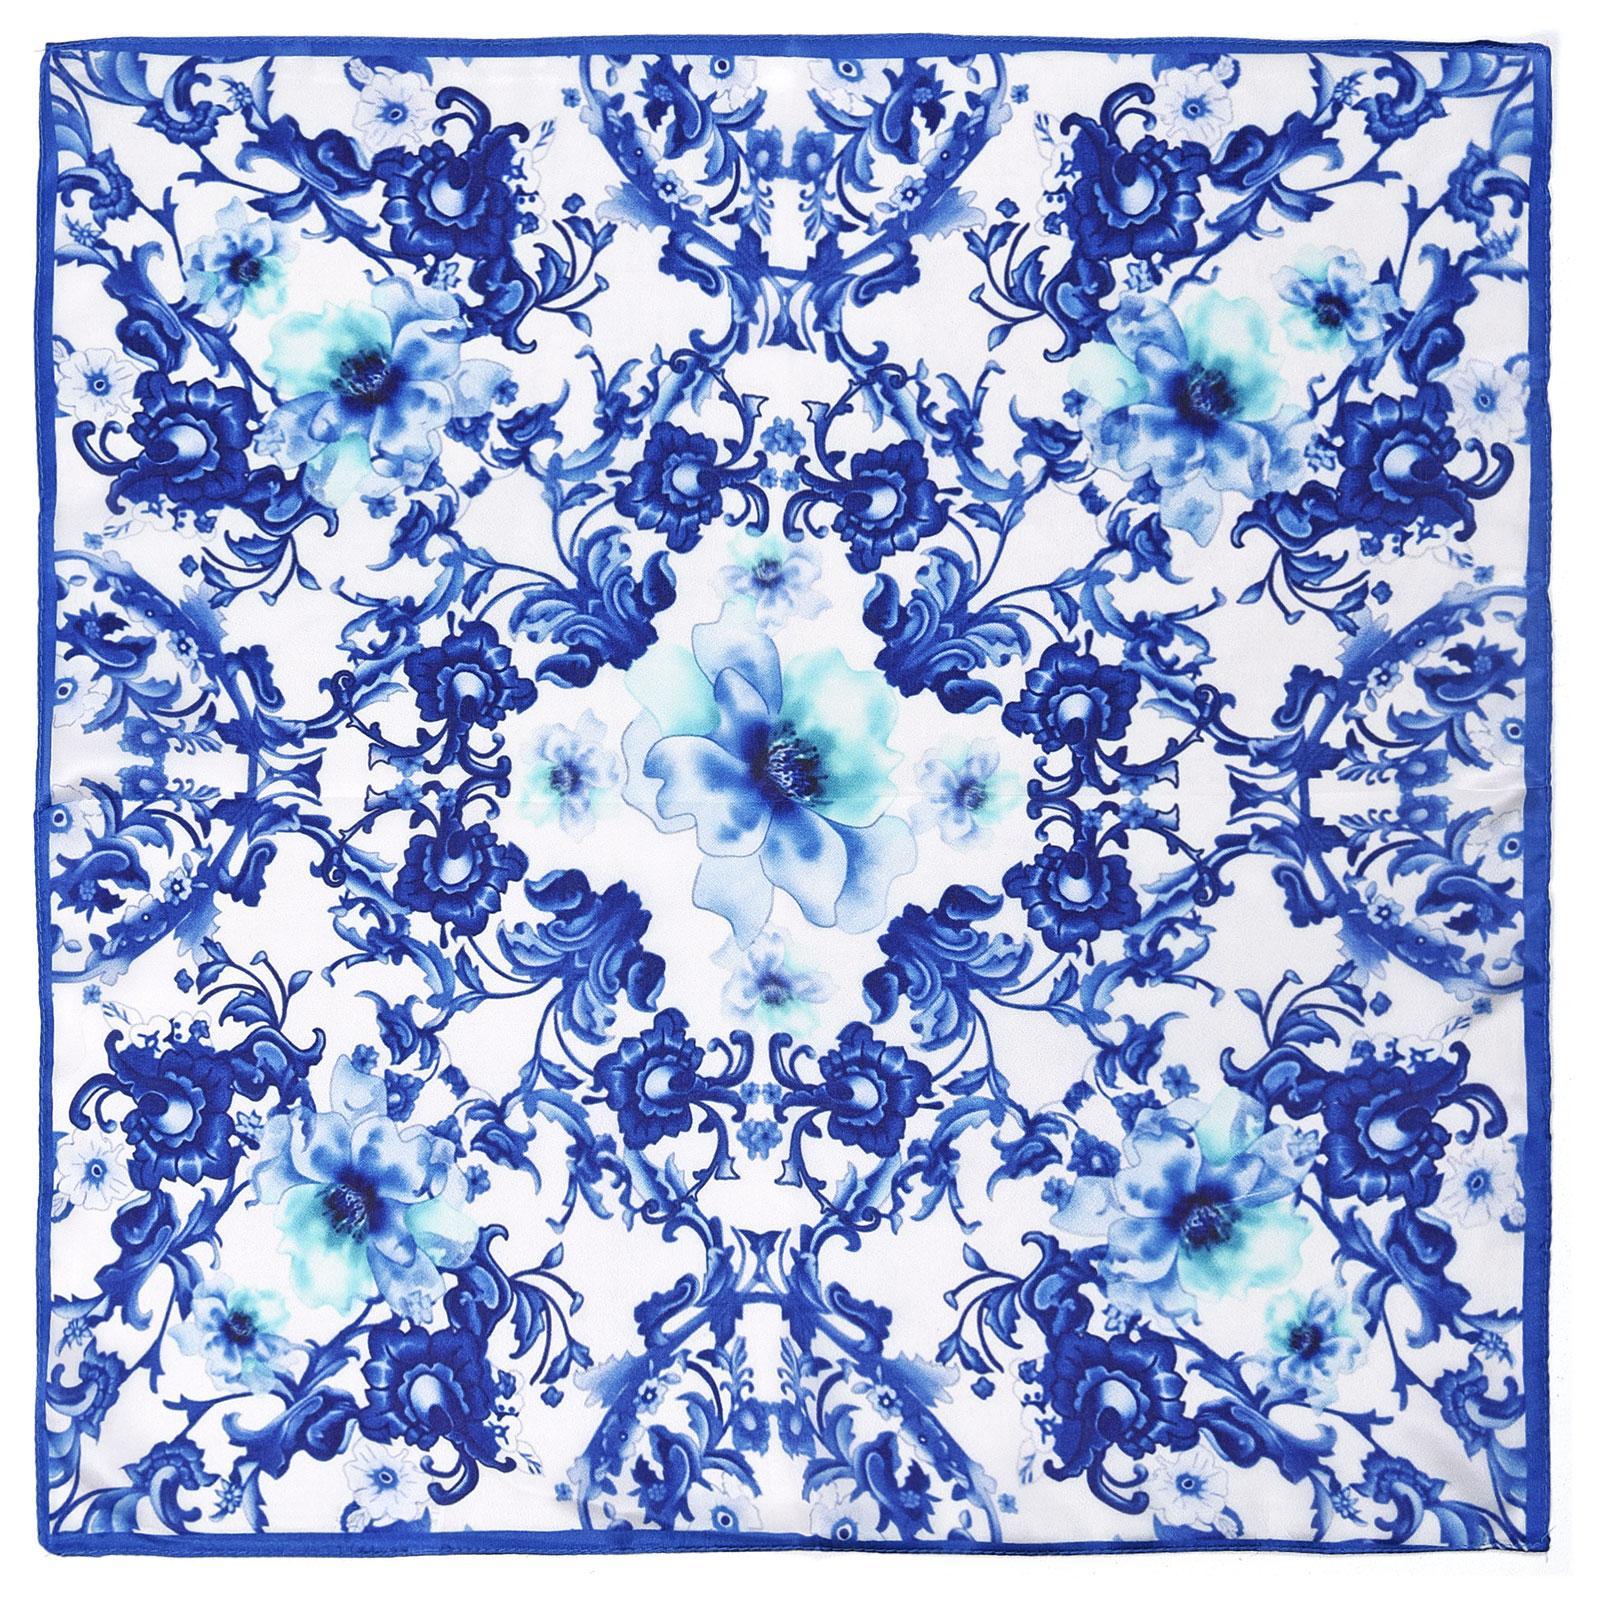 AT-04100-A16-carre-de-soie-floral-bleu-frises